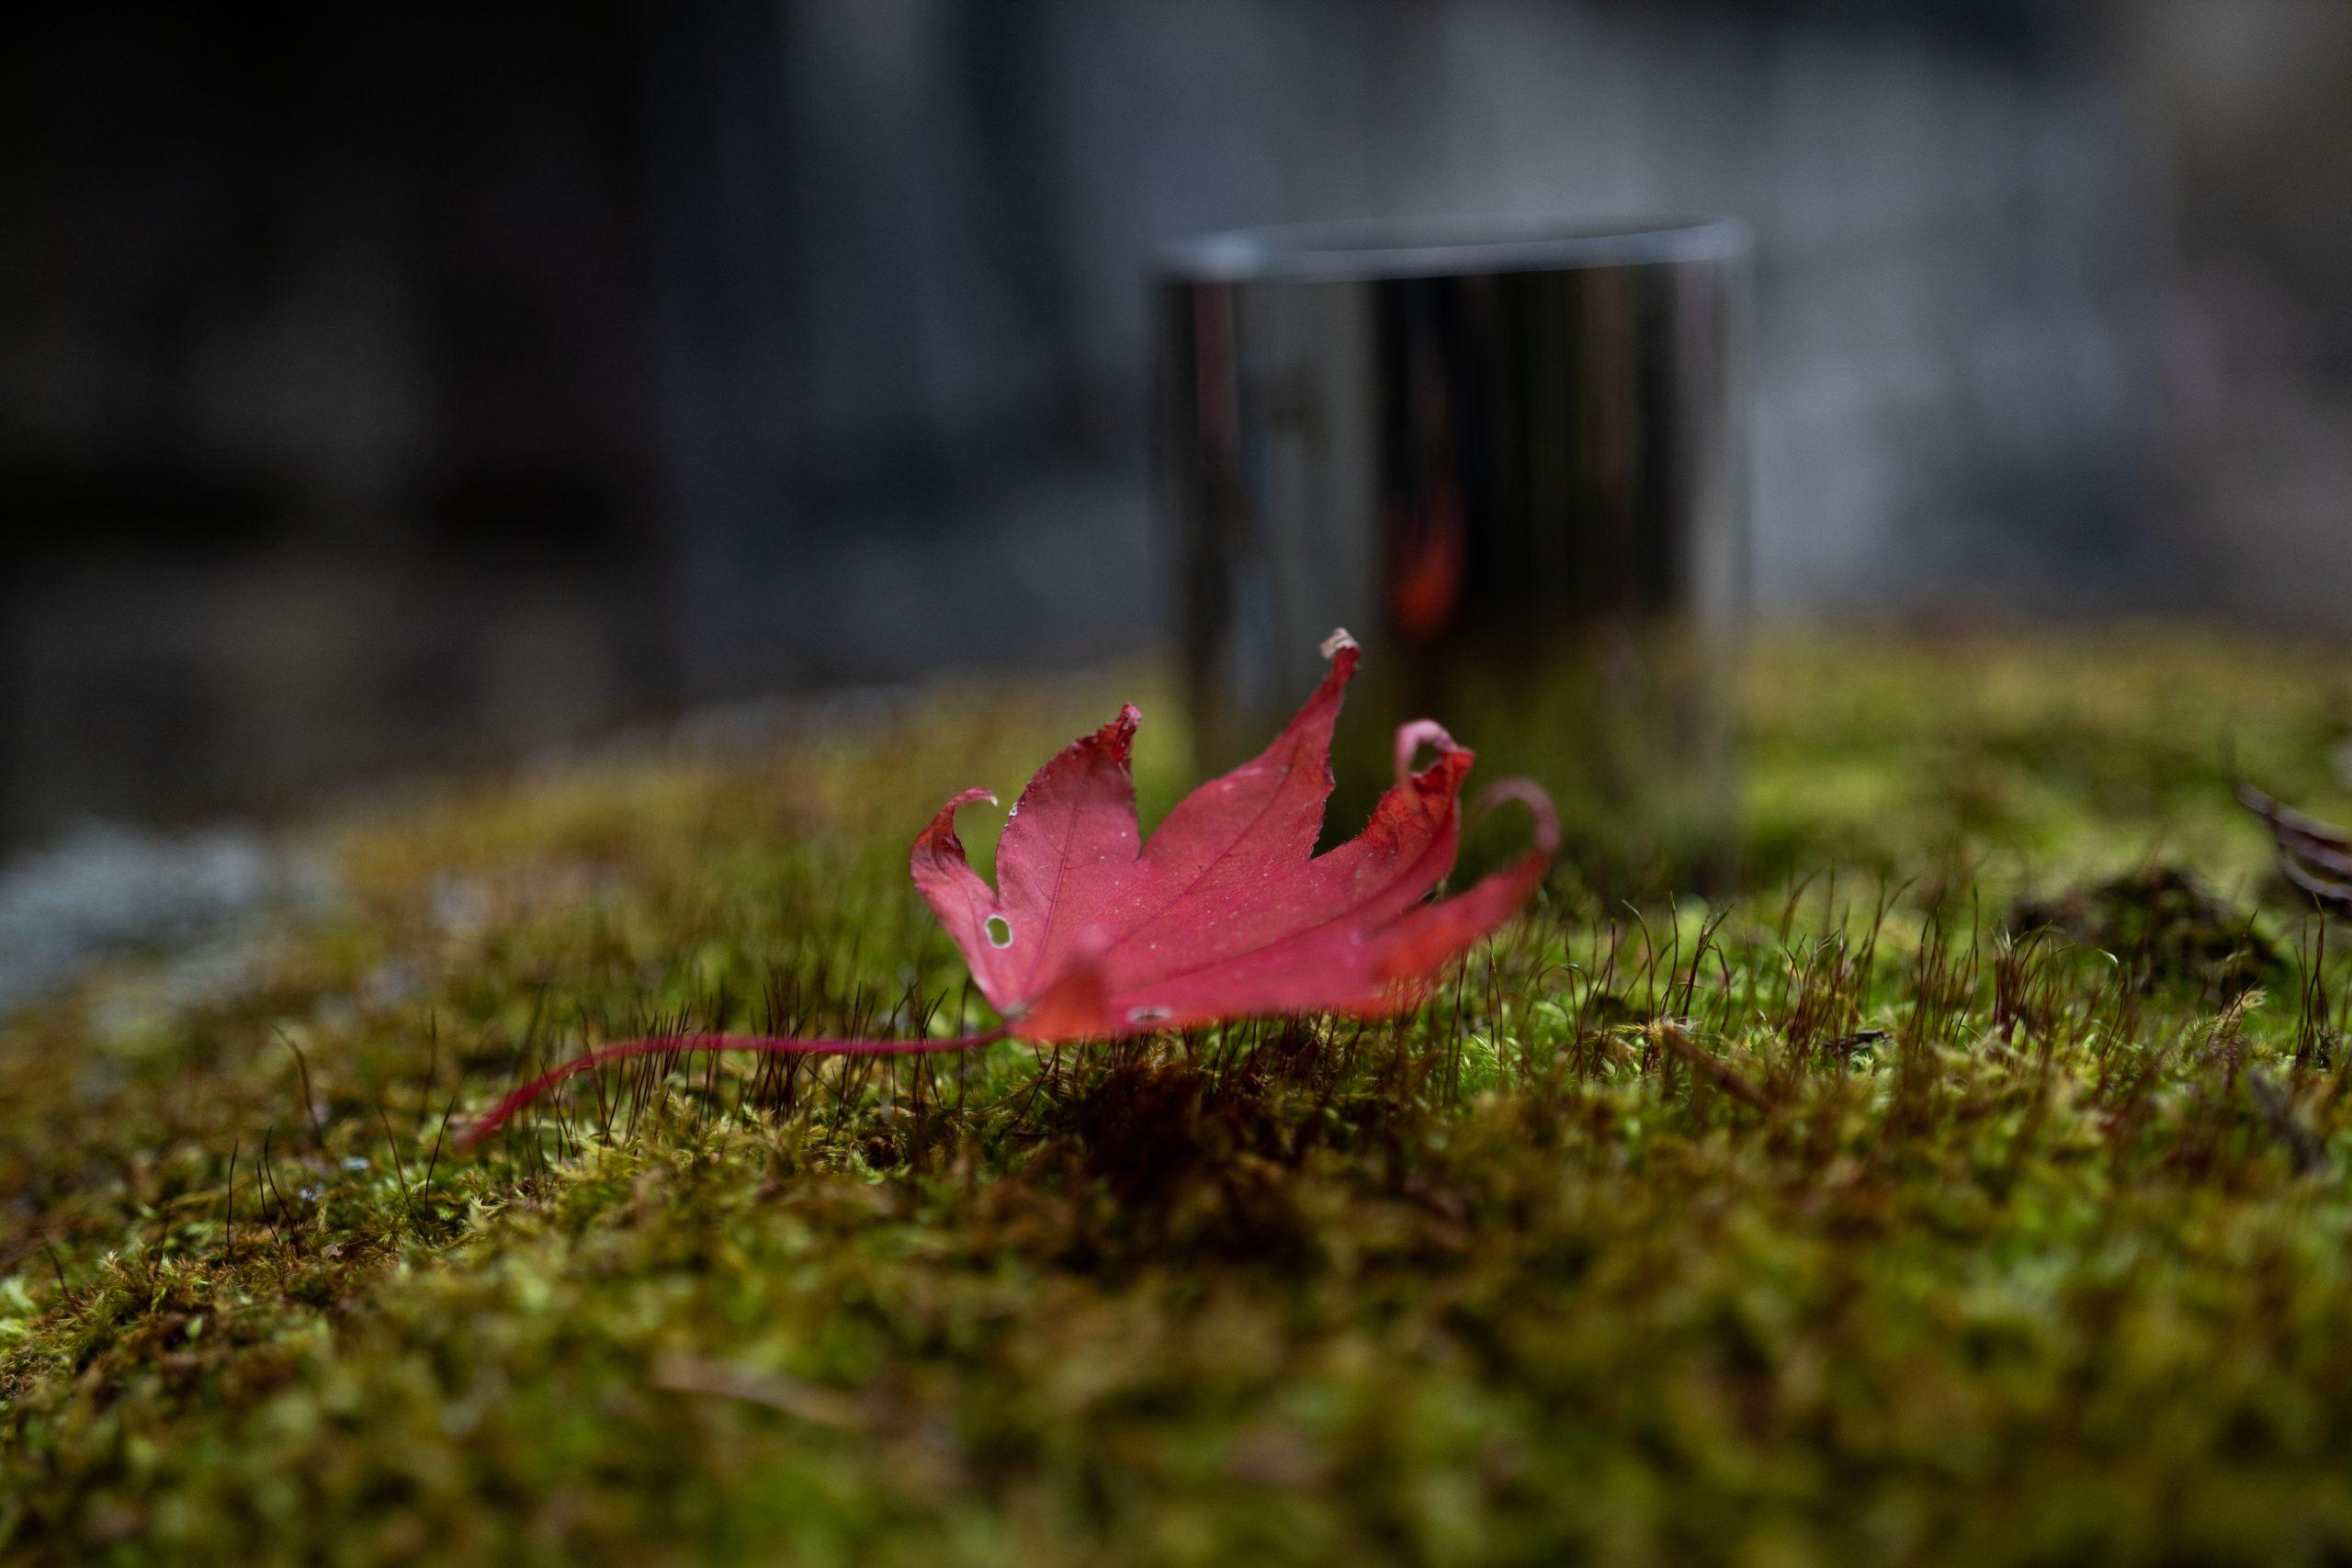 【SONY】秋の大山 Batisと紅葉散策